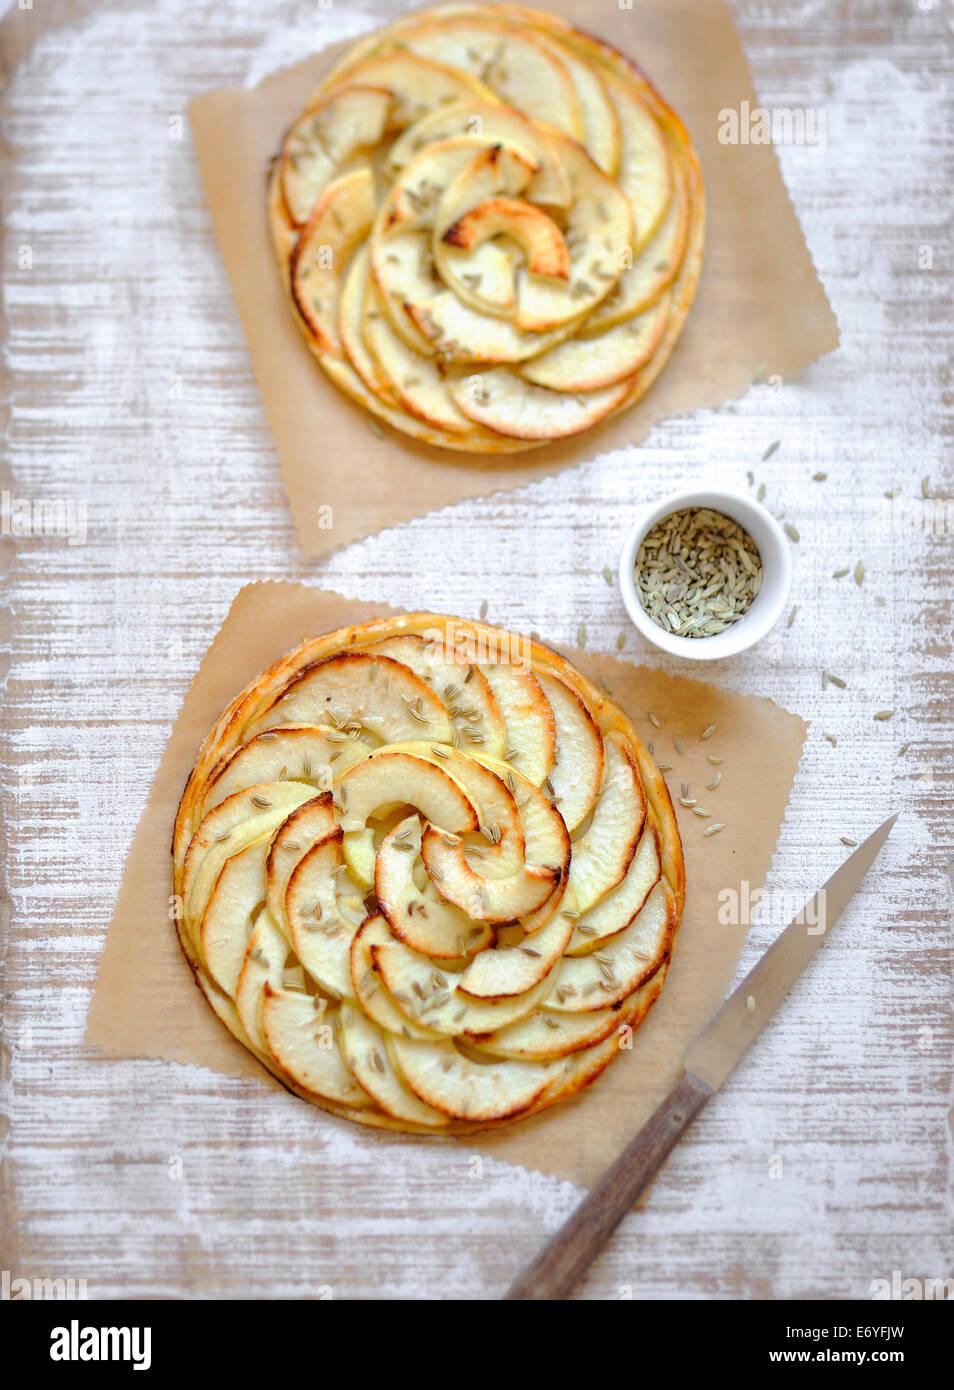 Apfel und Anis dünn Gebäck Torten Stockbild